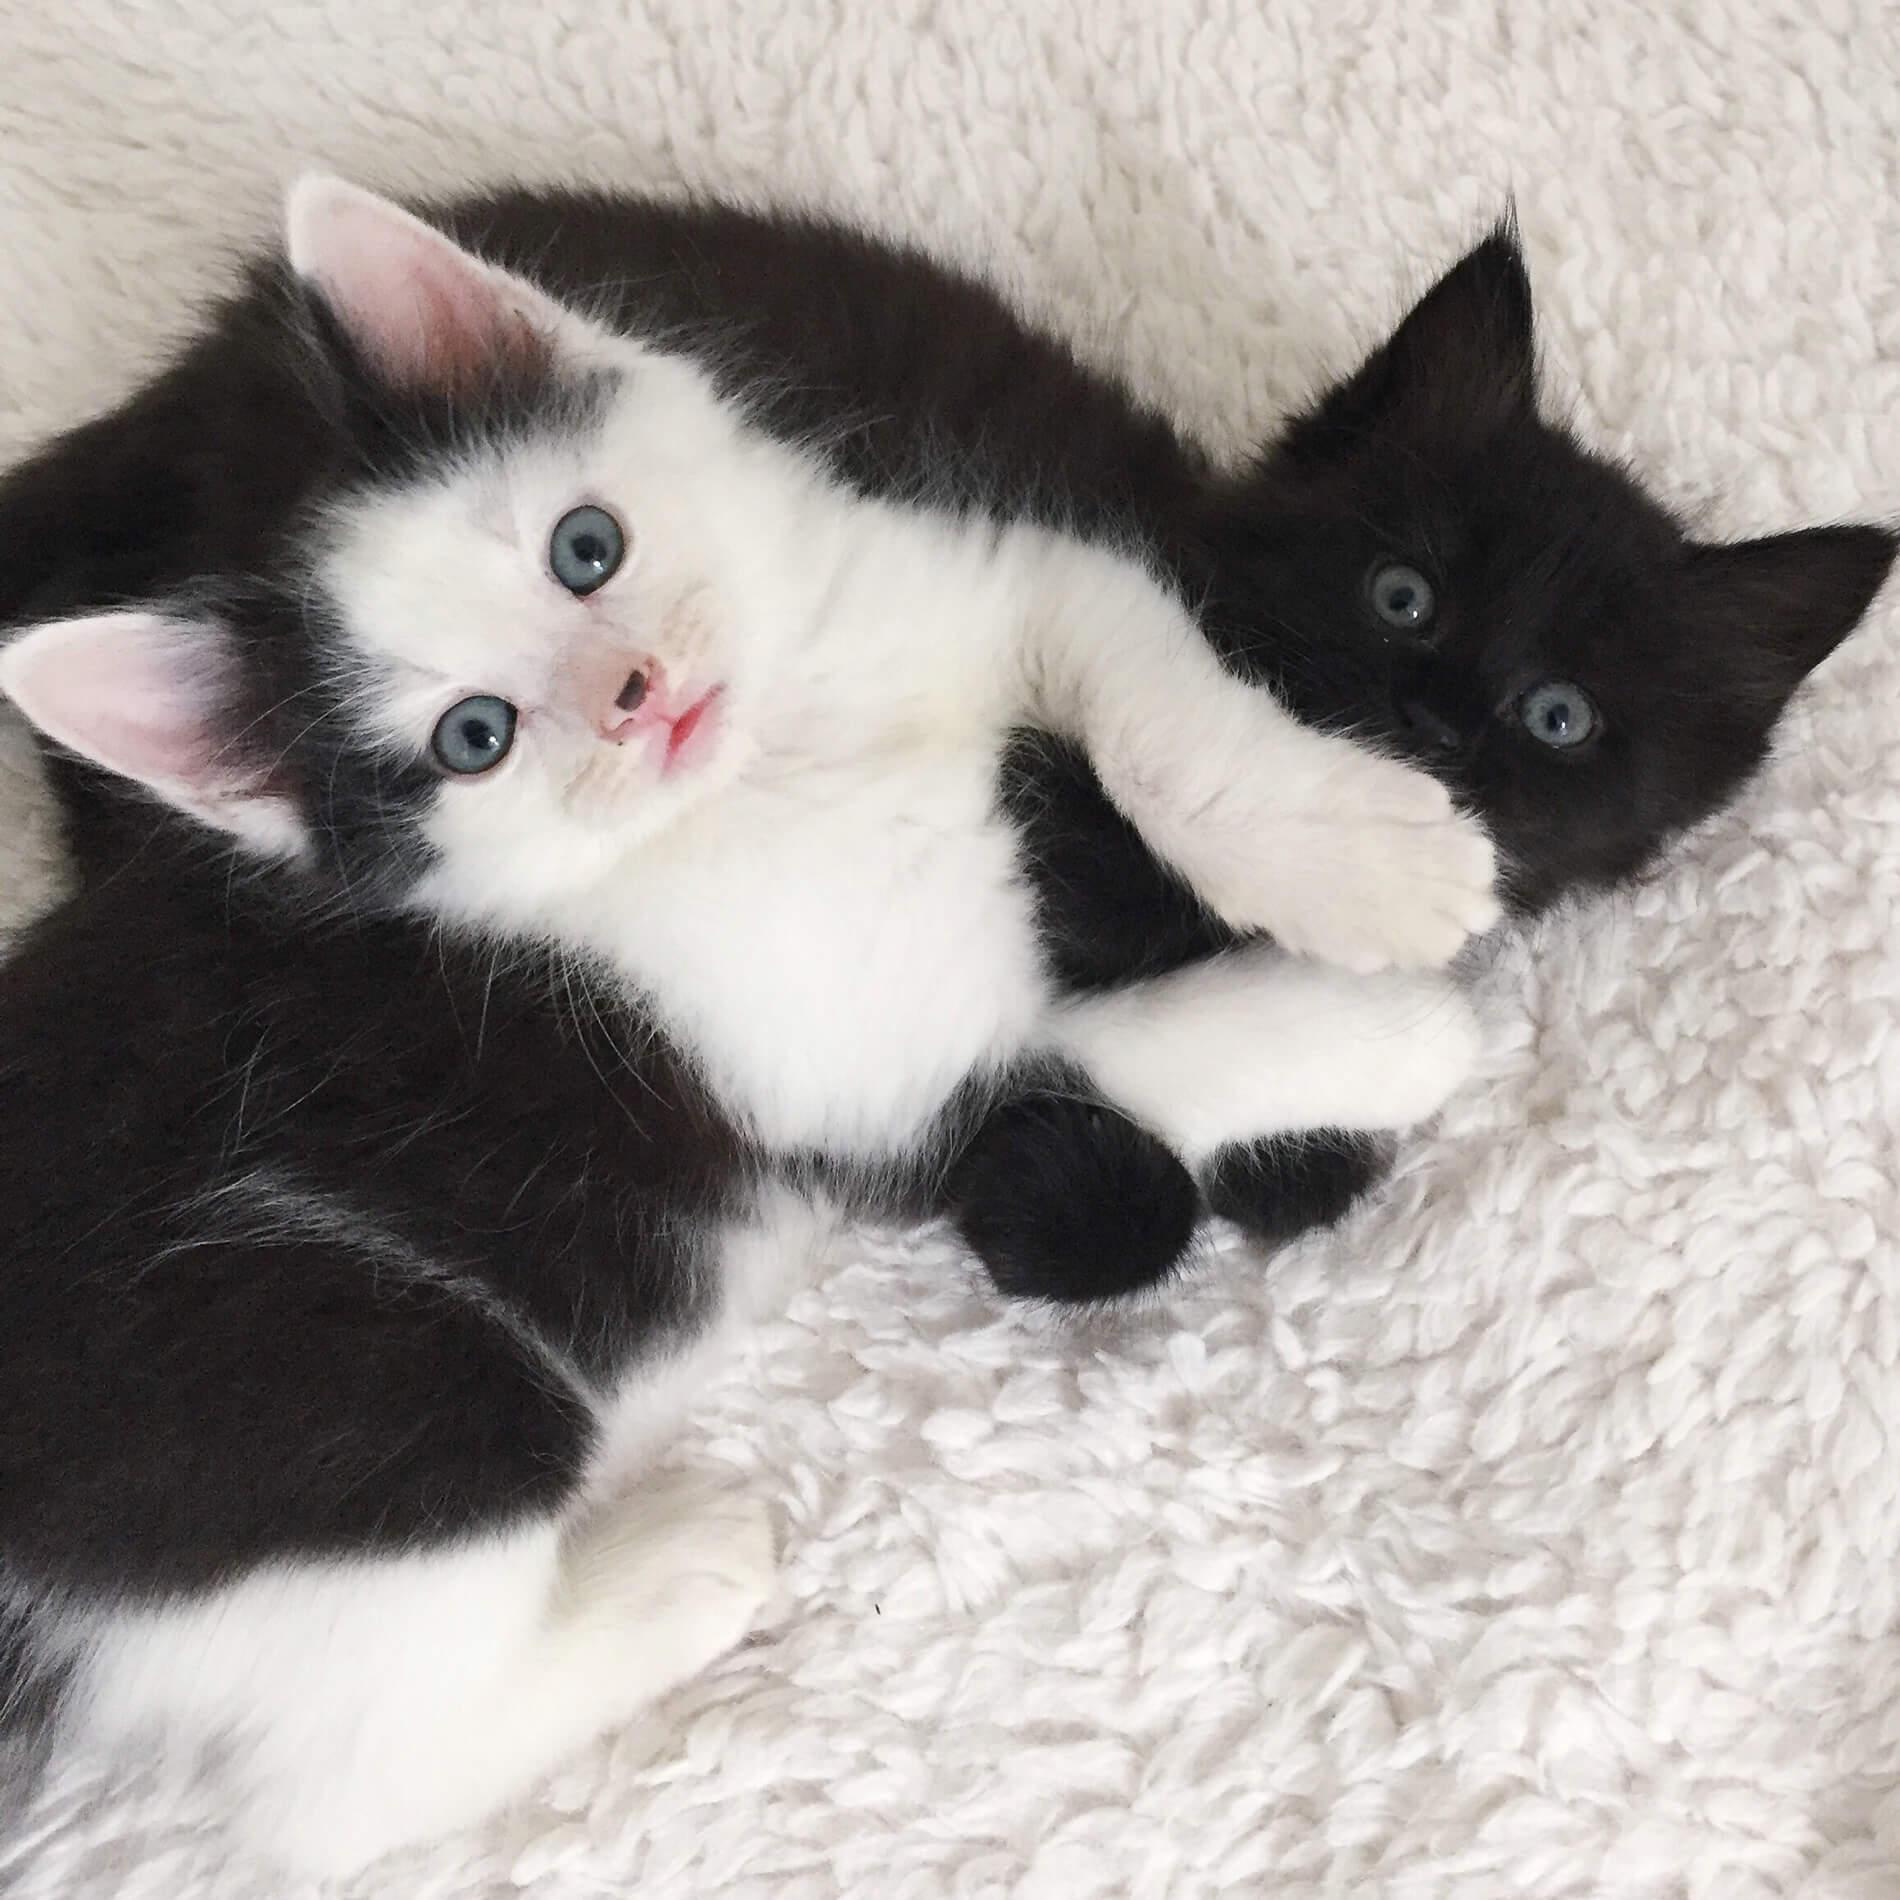 Providence Animal Center two kitten